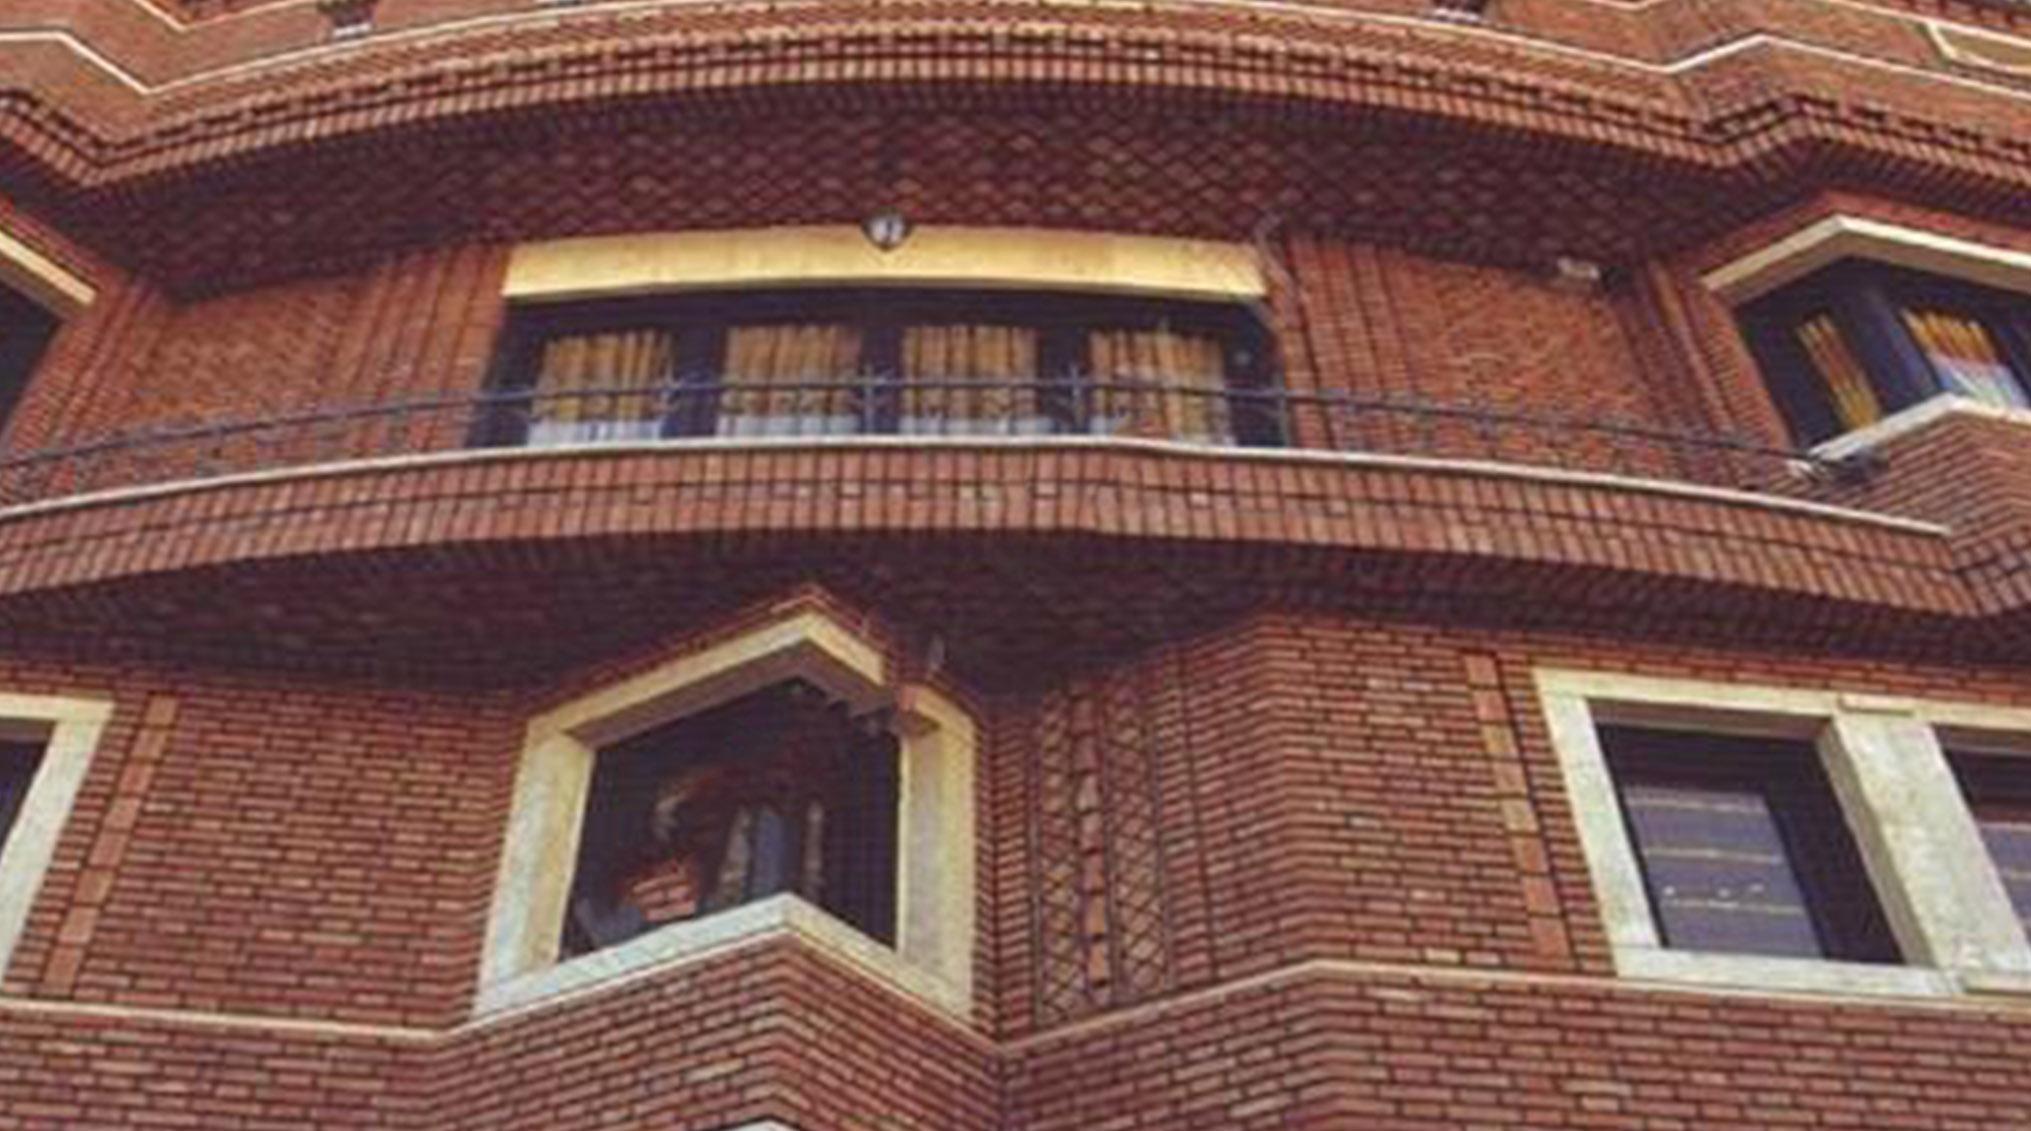 آجر دکوراتیو و نسوز در فضای داخلی و نمای ساختمان